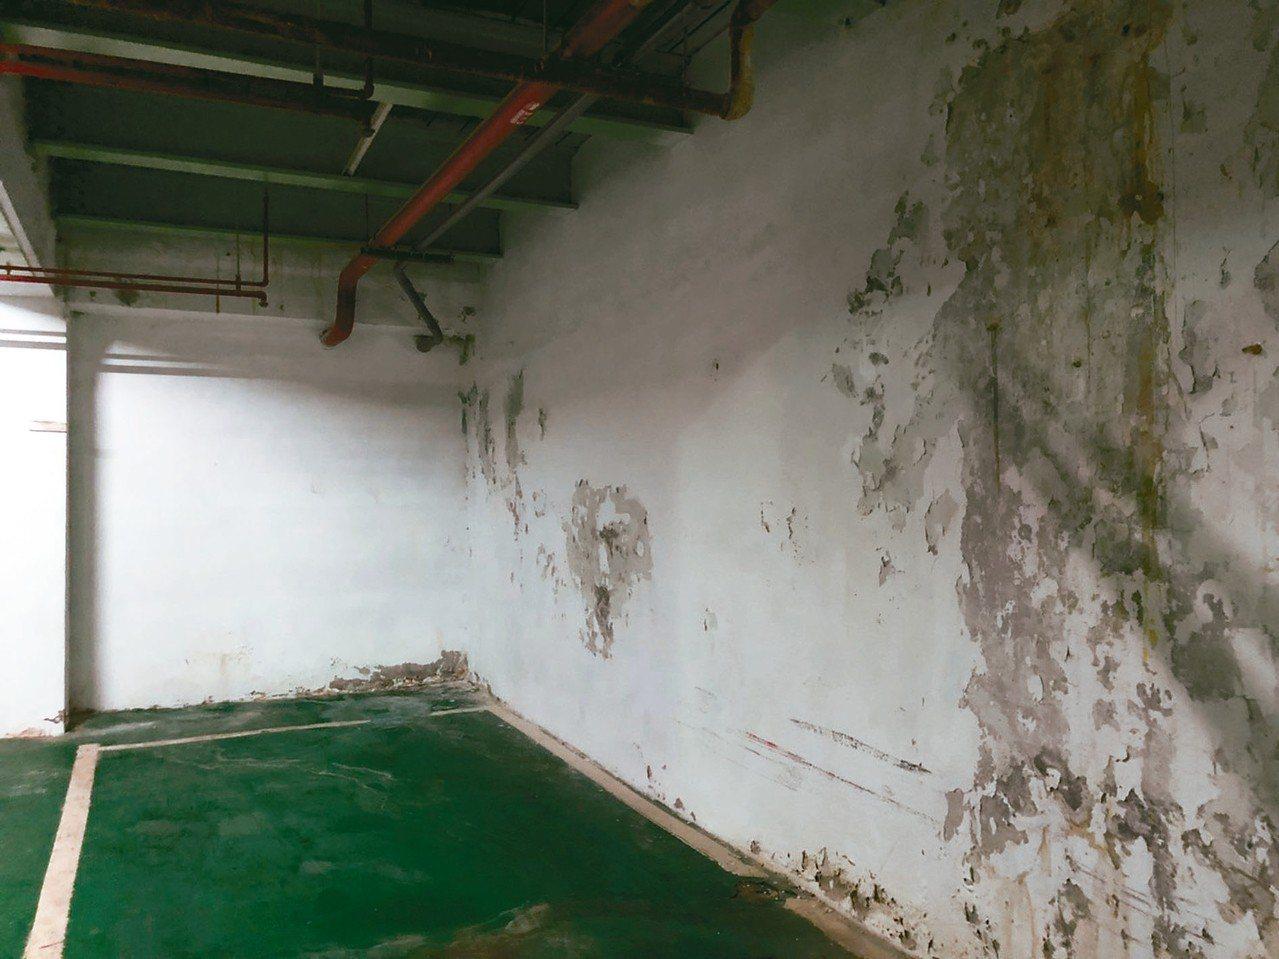 北市客家文化主題公園漏水、壁癌情況嚴重。 記者邱瓊玉/攝影